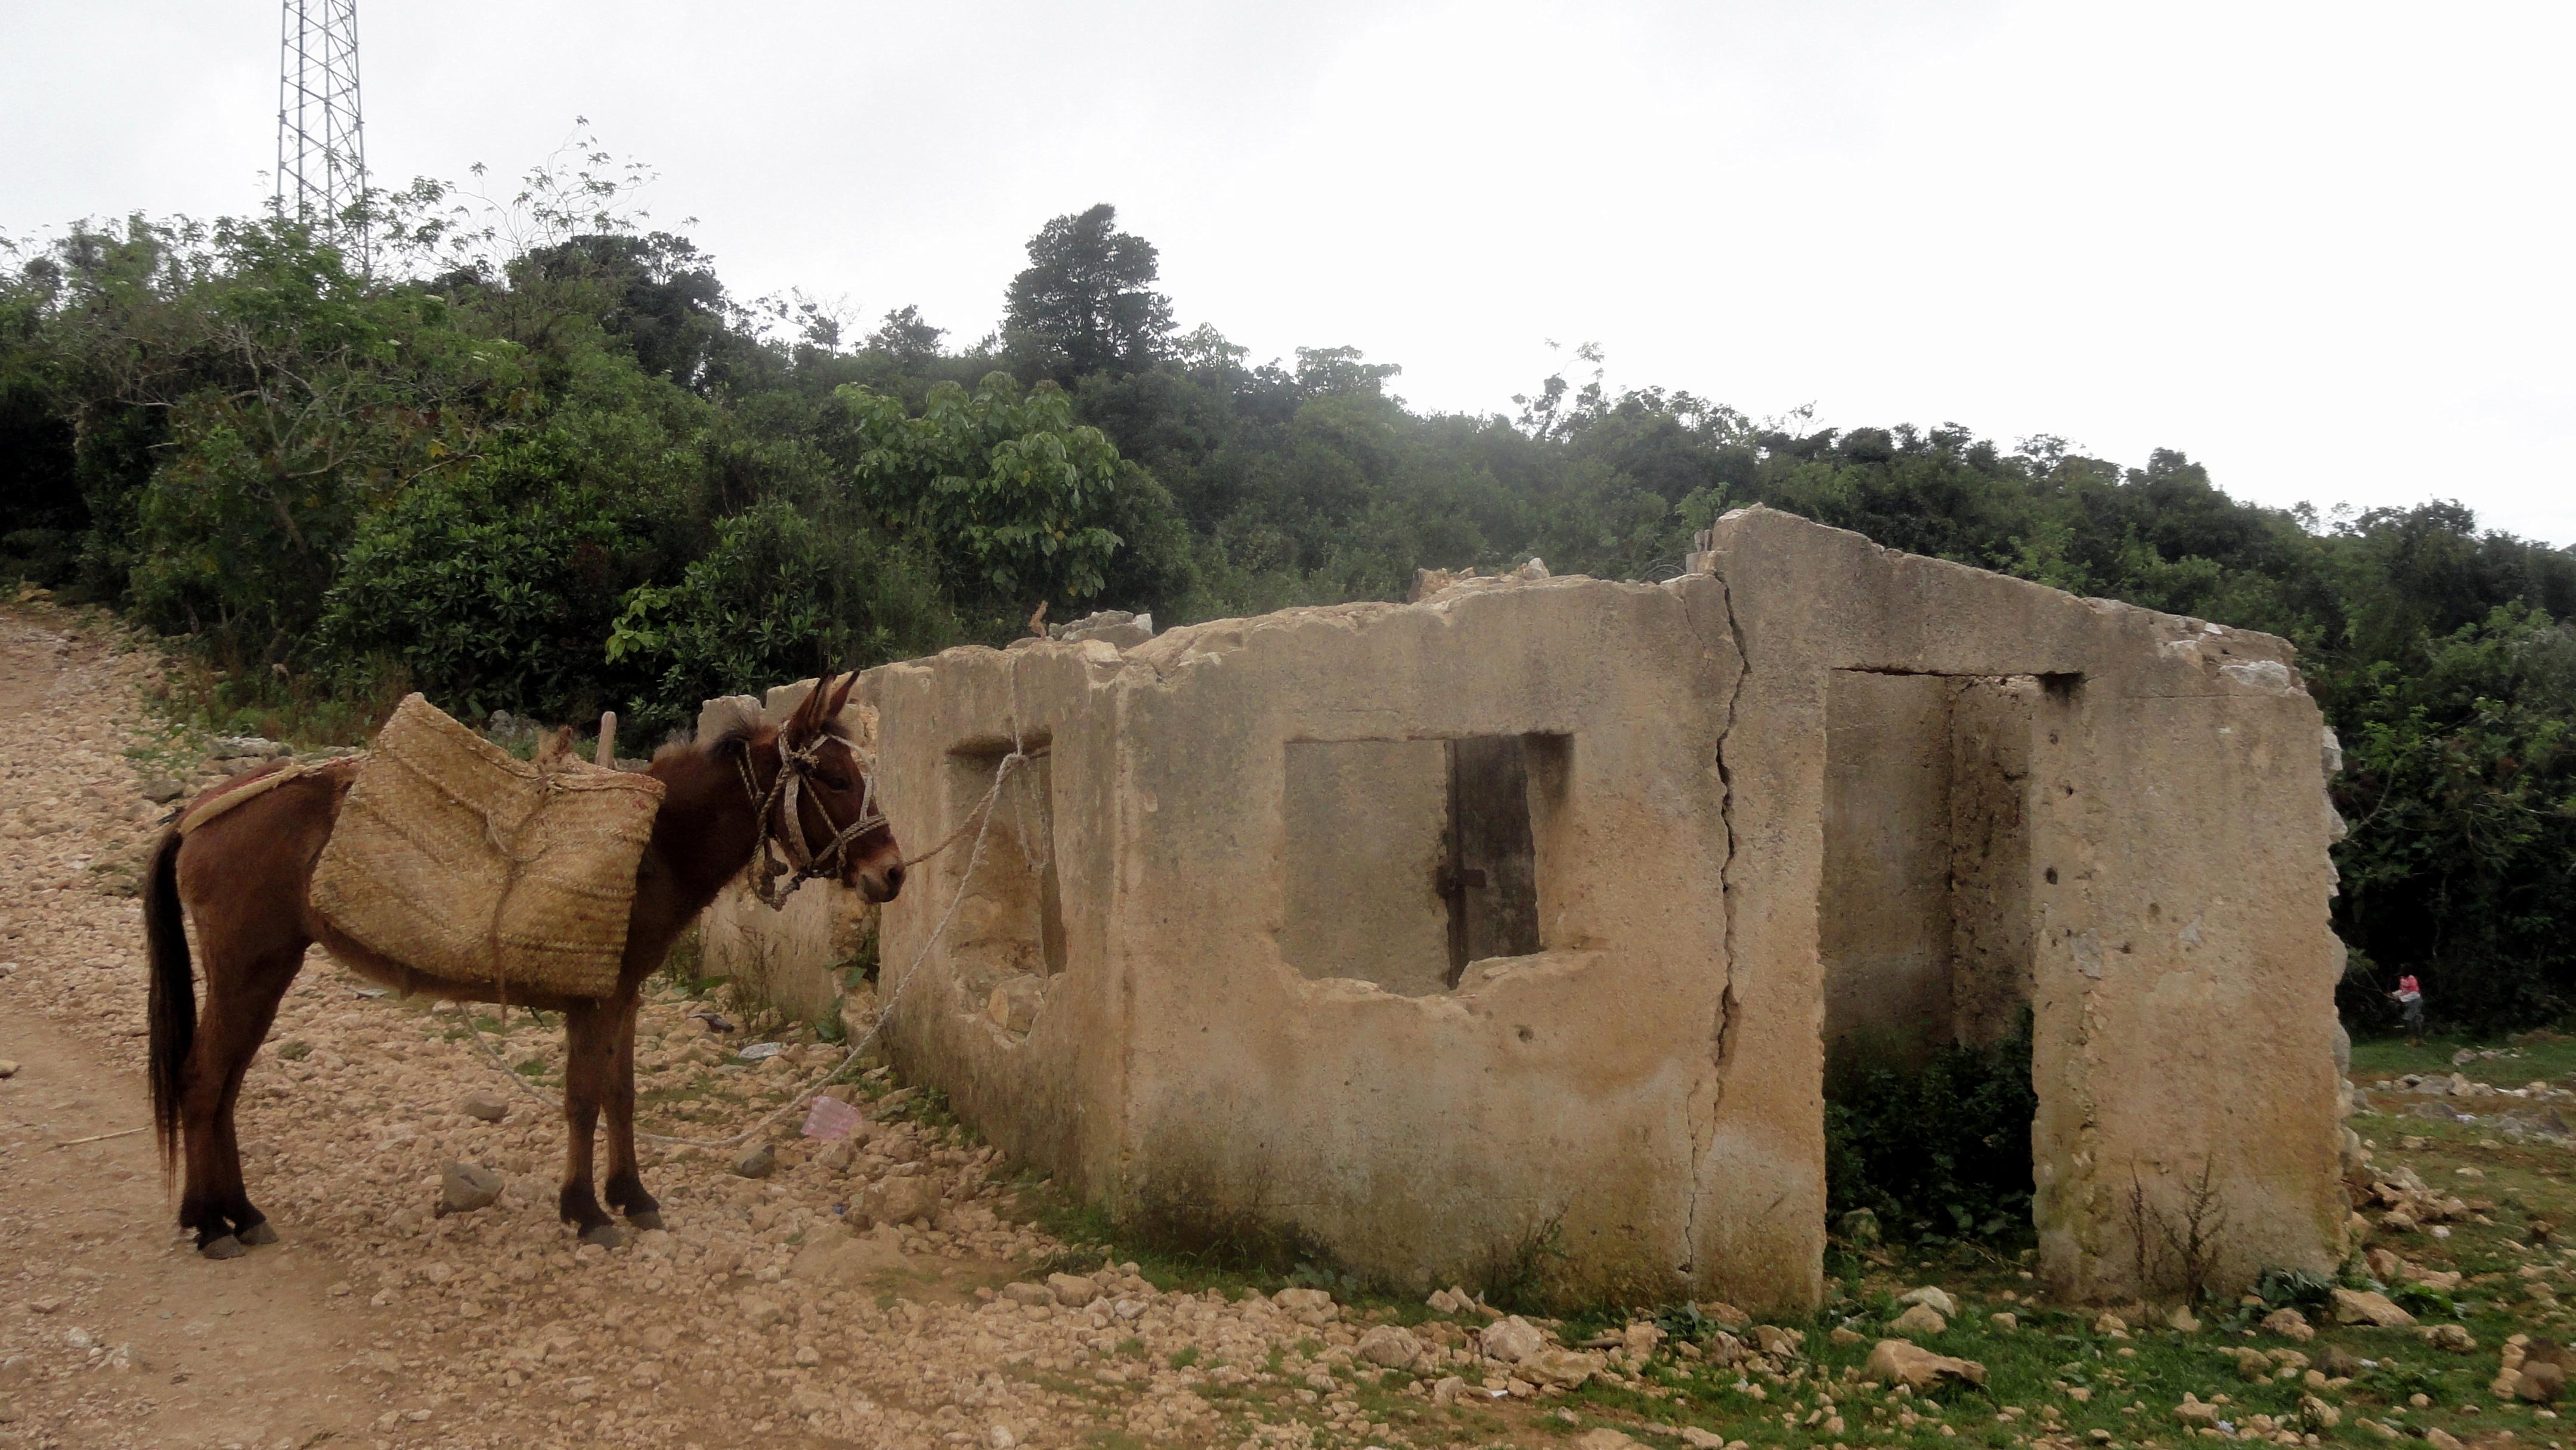 Donkey Waiting